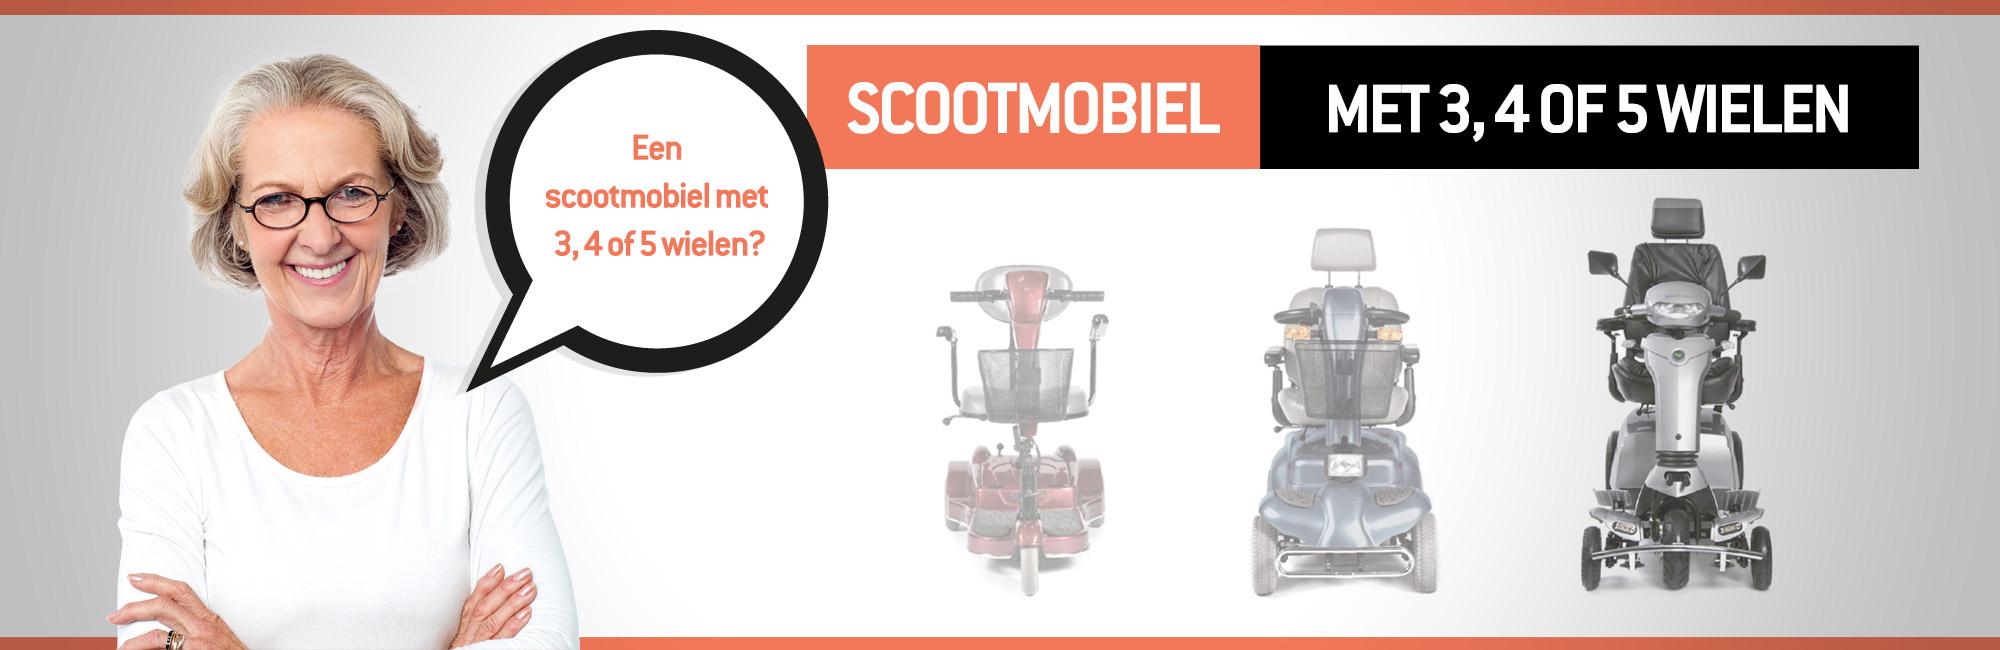 Scootmobiel-met-3,-4-of-5-wielen